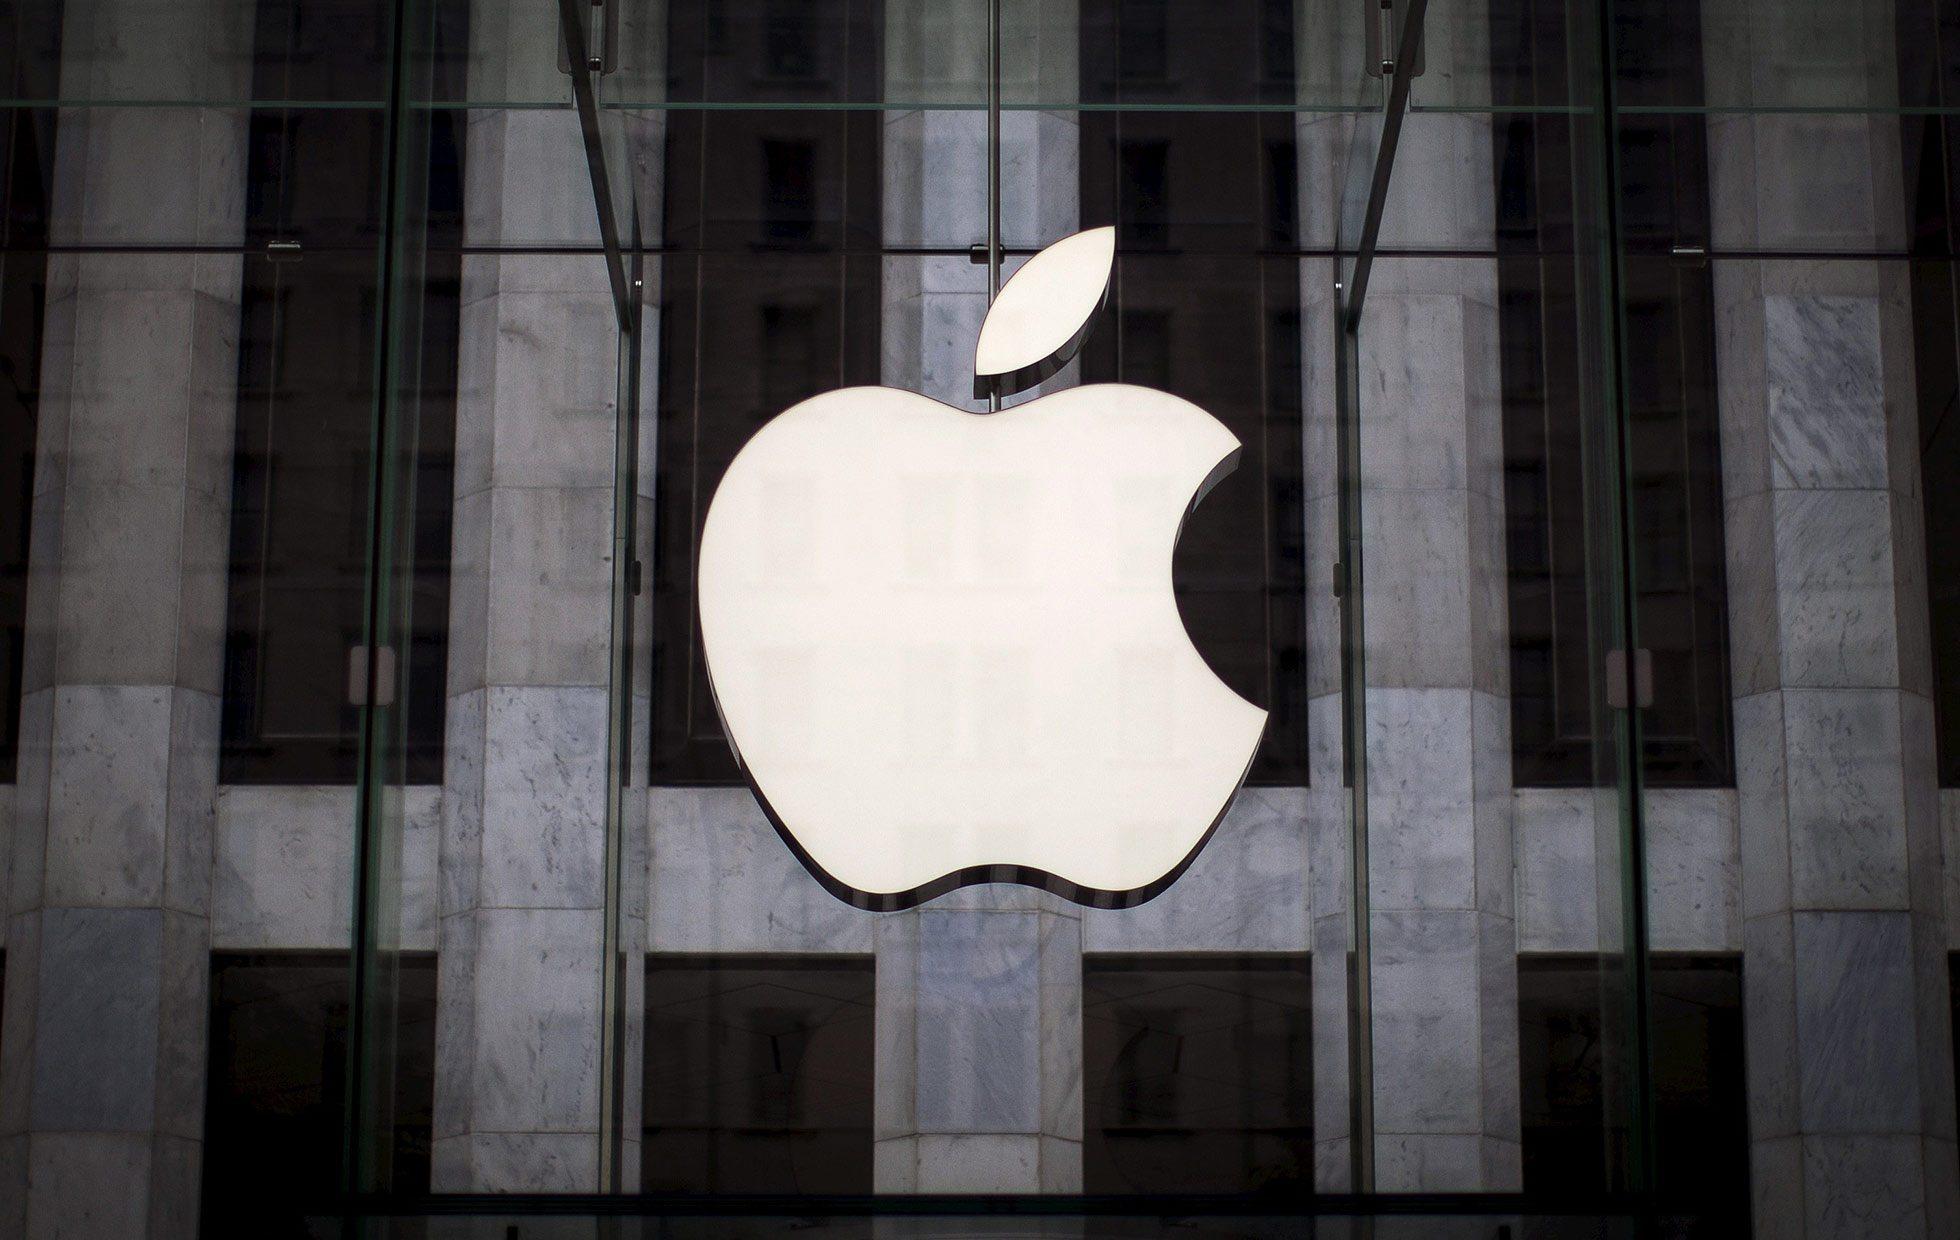 Confirmado: Apple trabaja en un proyecto de auto autónomo